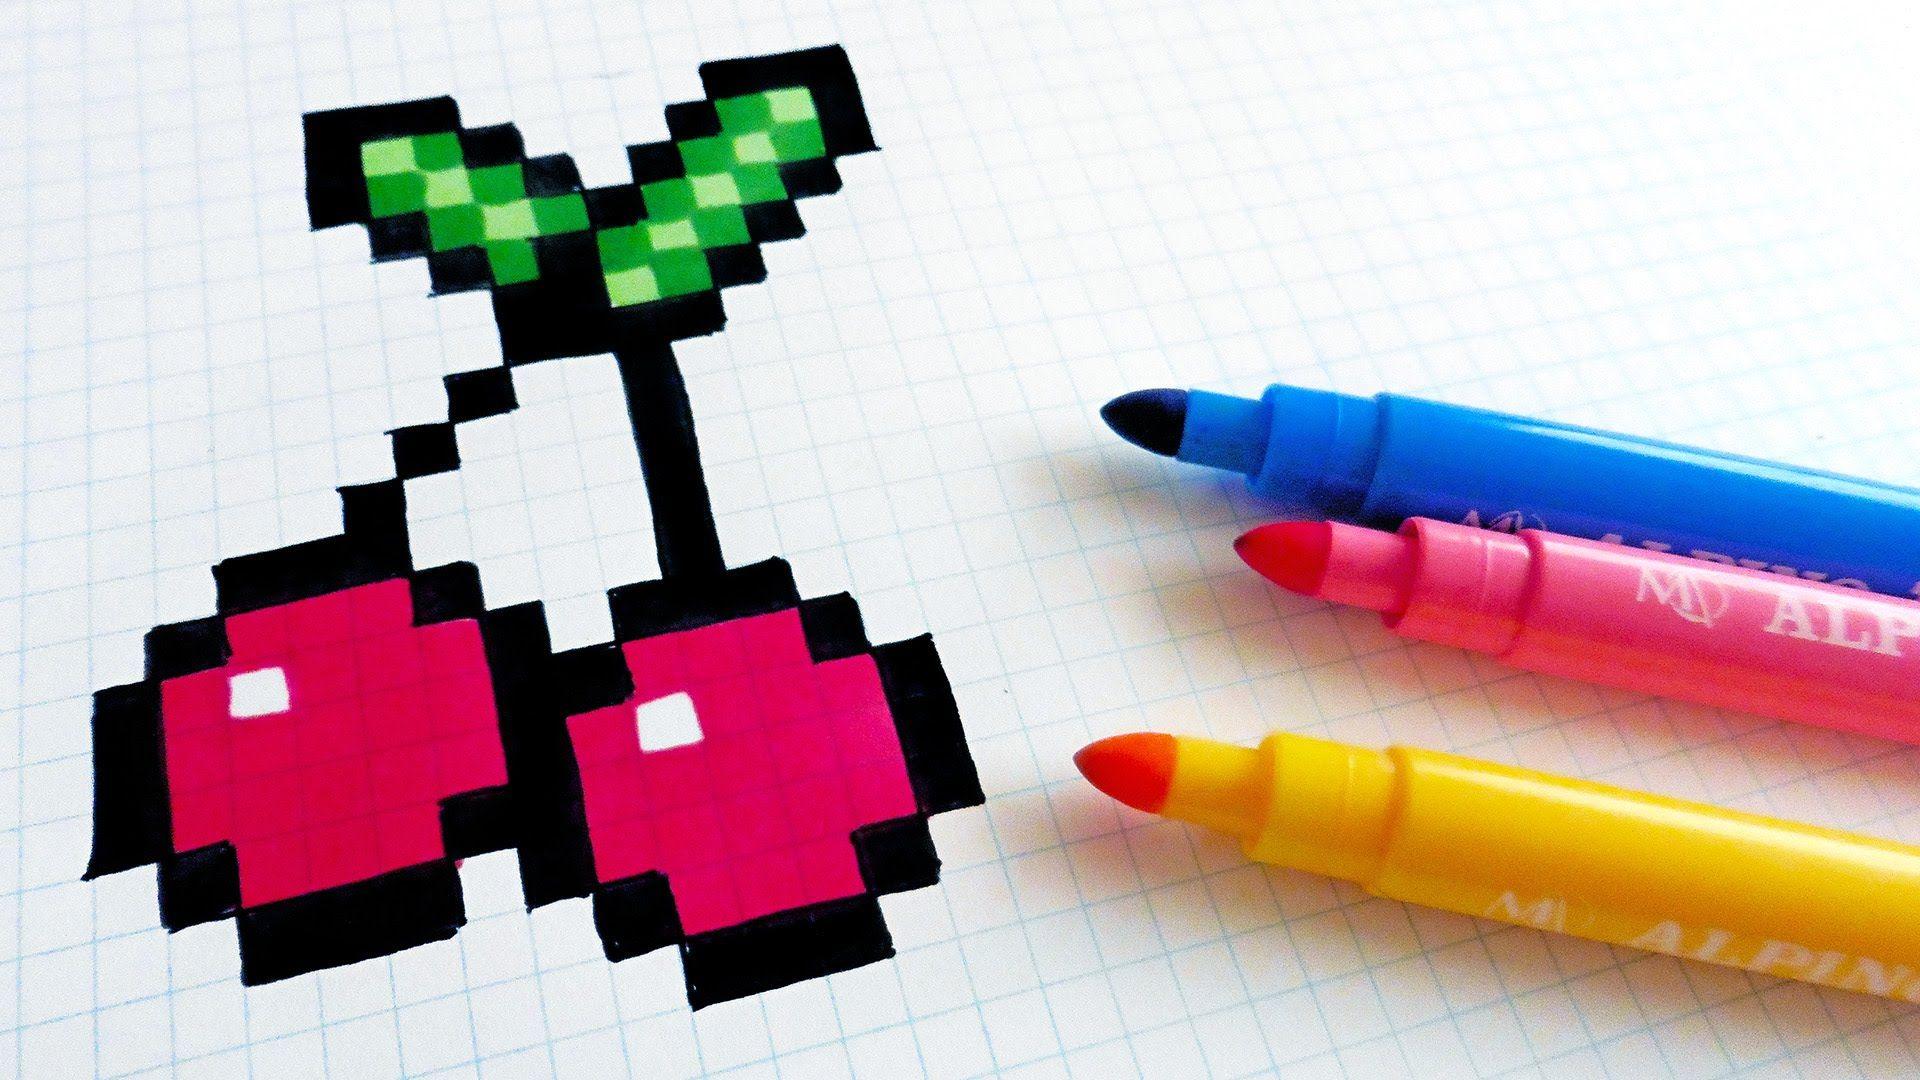 Handmade Pixel Art How To Draw Cherries Pixelart Con Imagenes